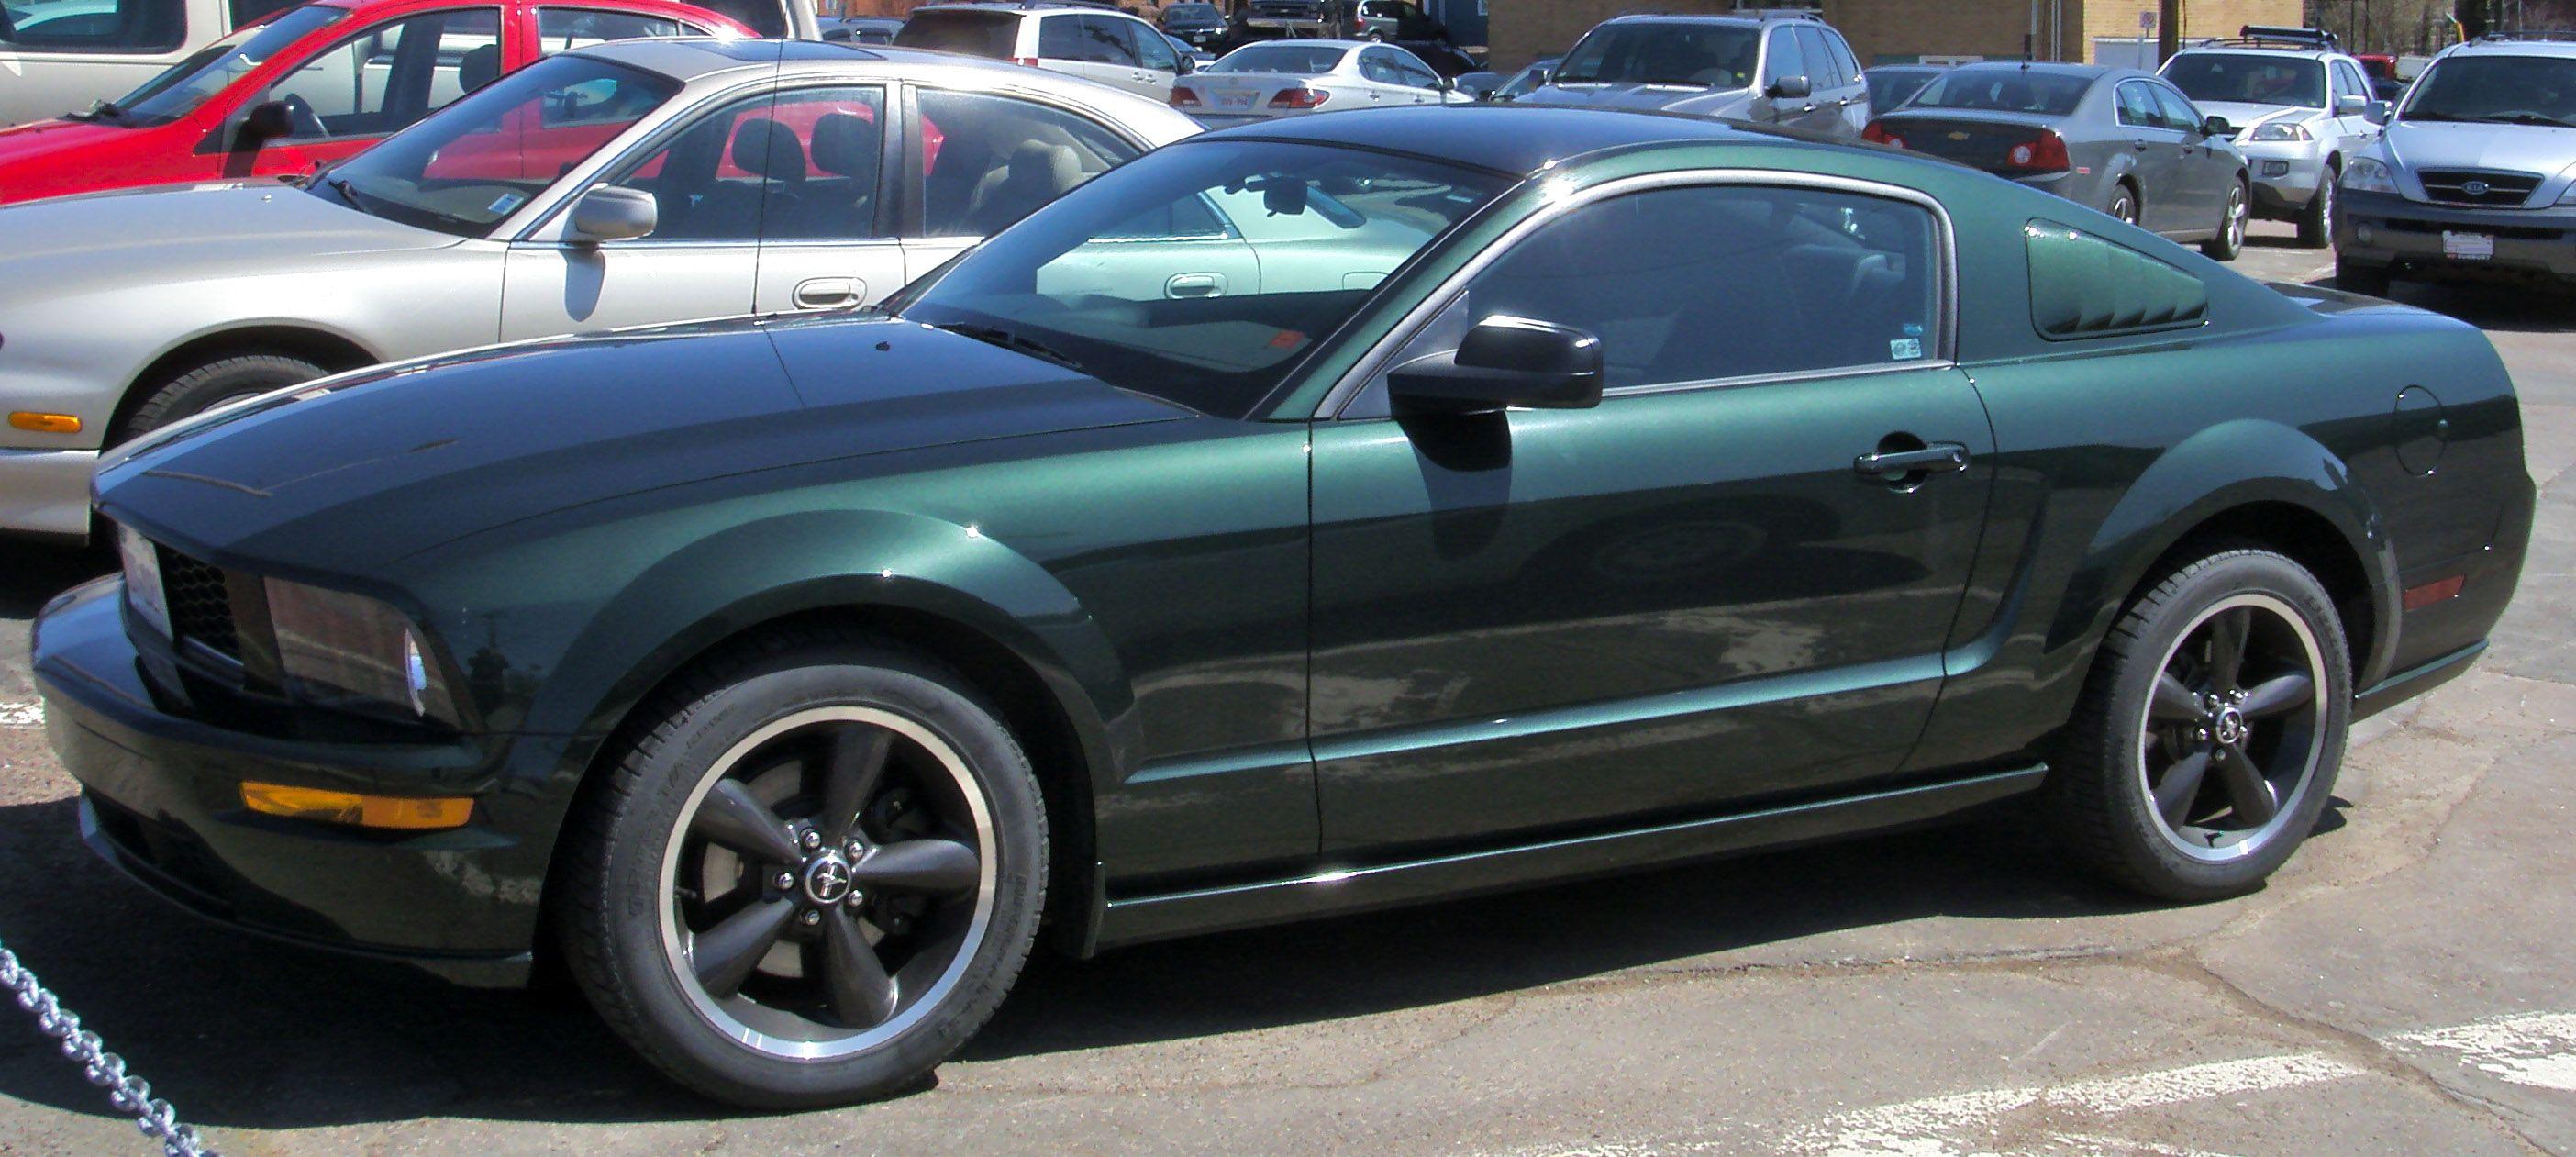 Ford Mustang Bullitt Mustang Bullitt